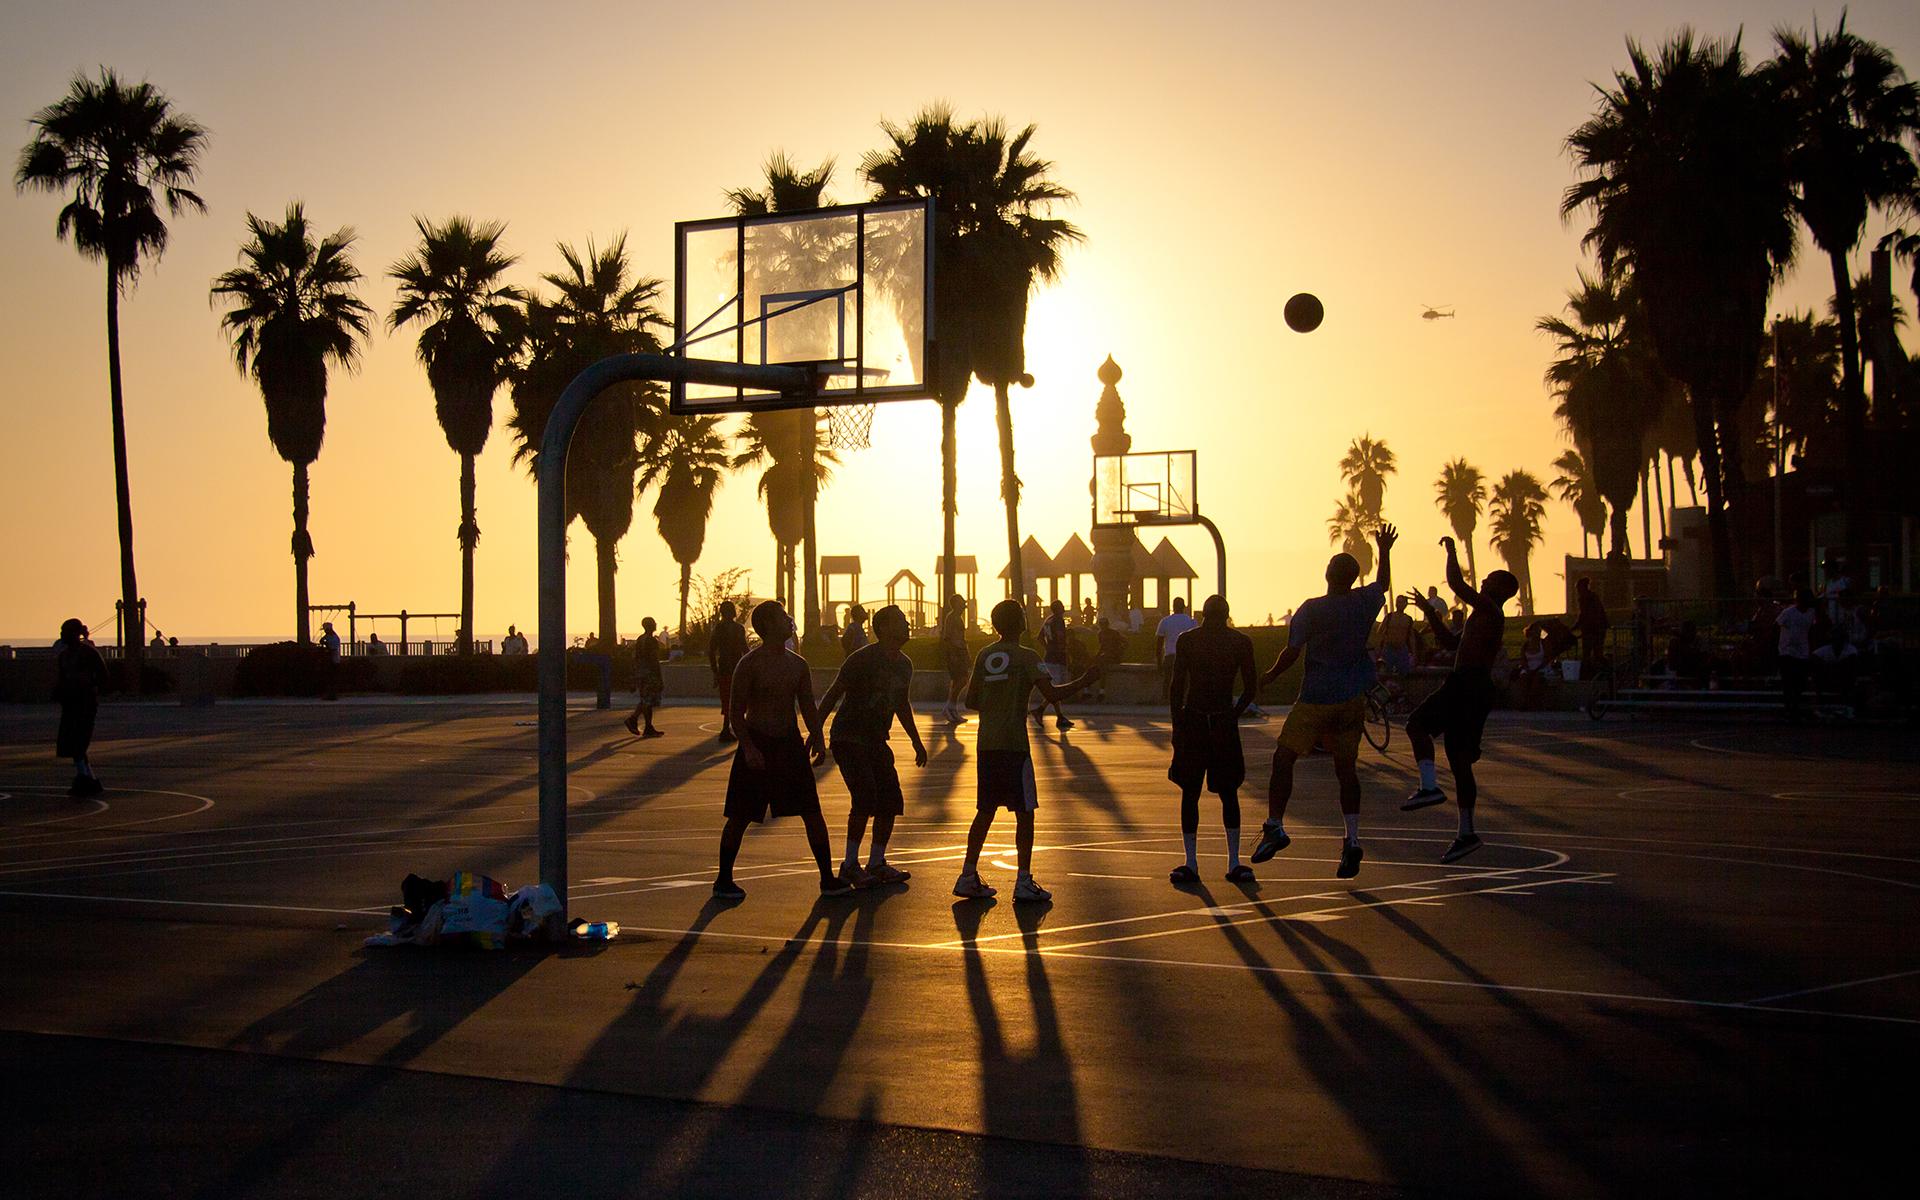 Download wallpaper summer california basketball sunset usa 1920x1200